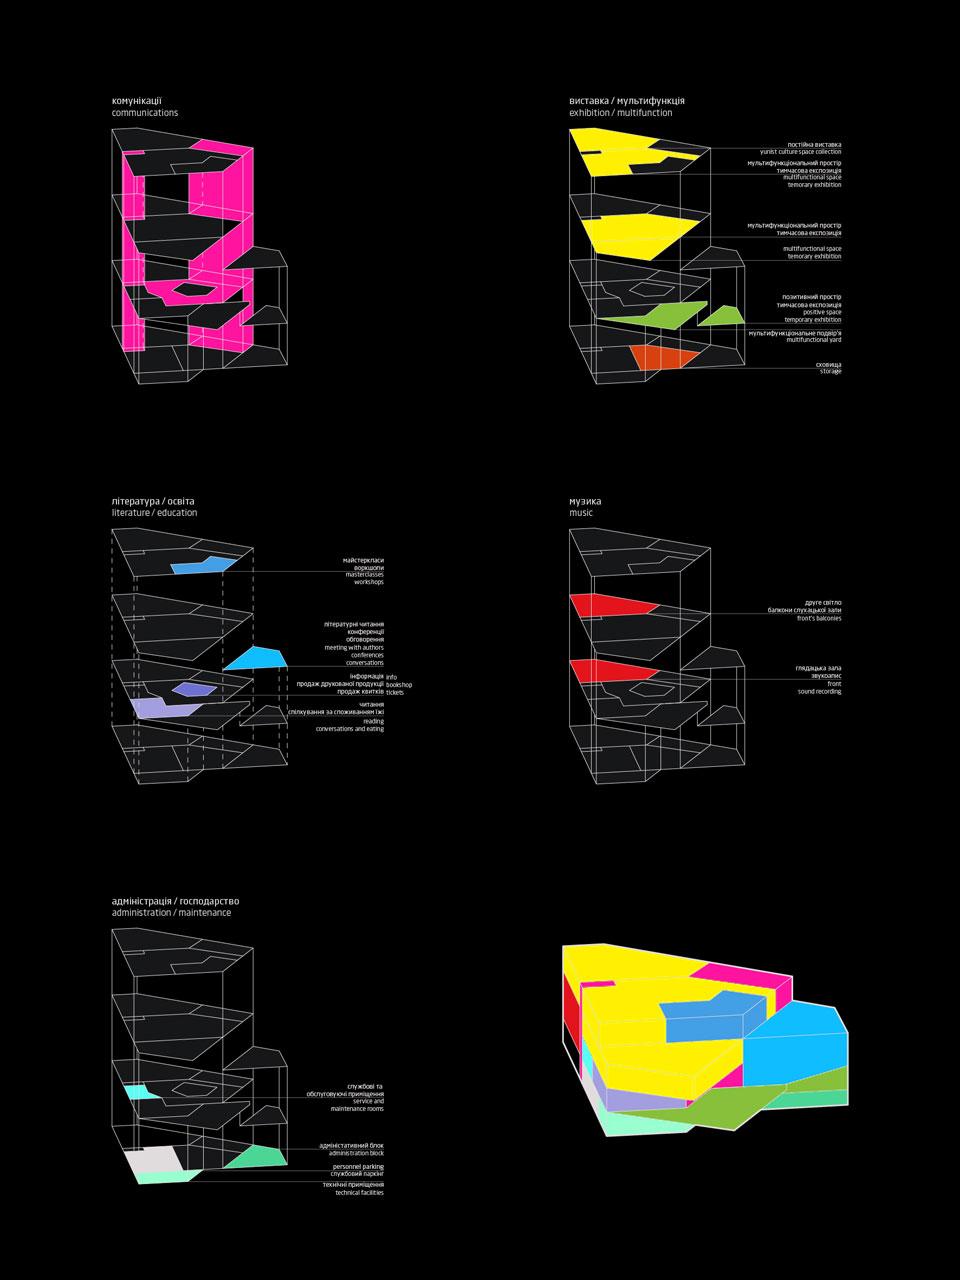 архітектурна діаграма функціонального зонування культурного простору